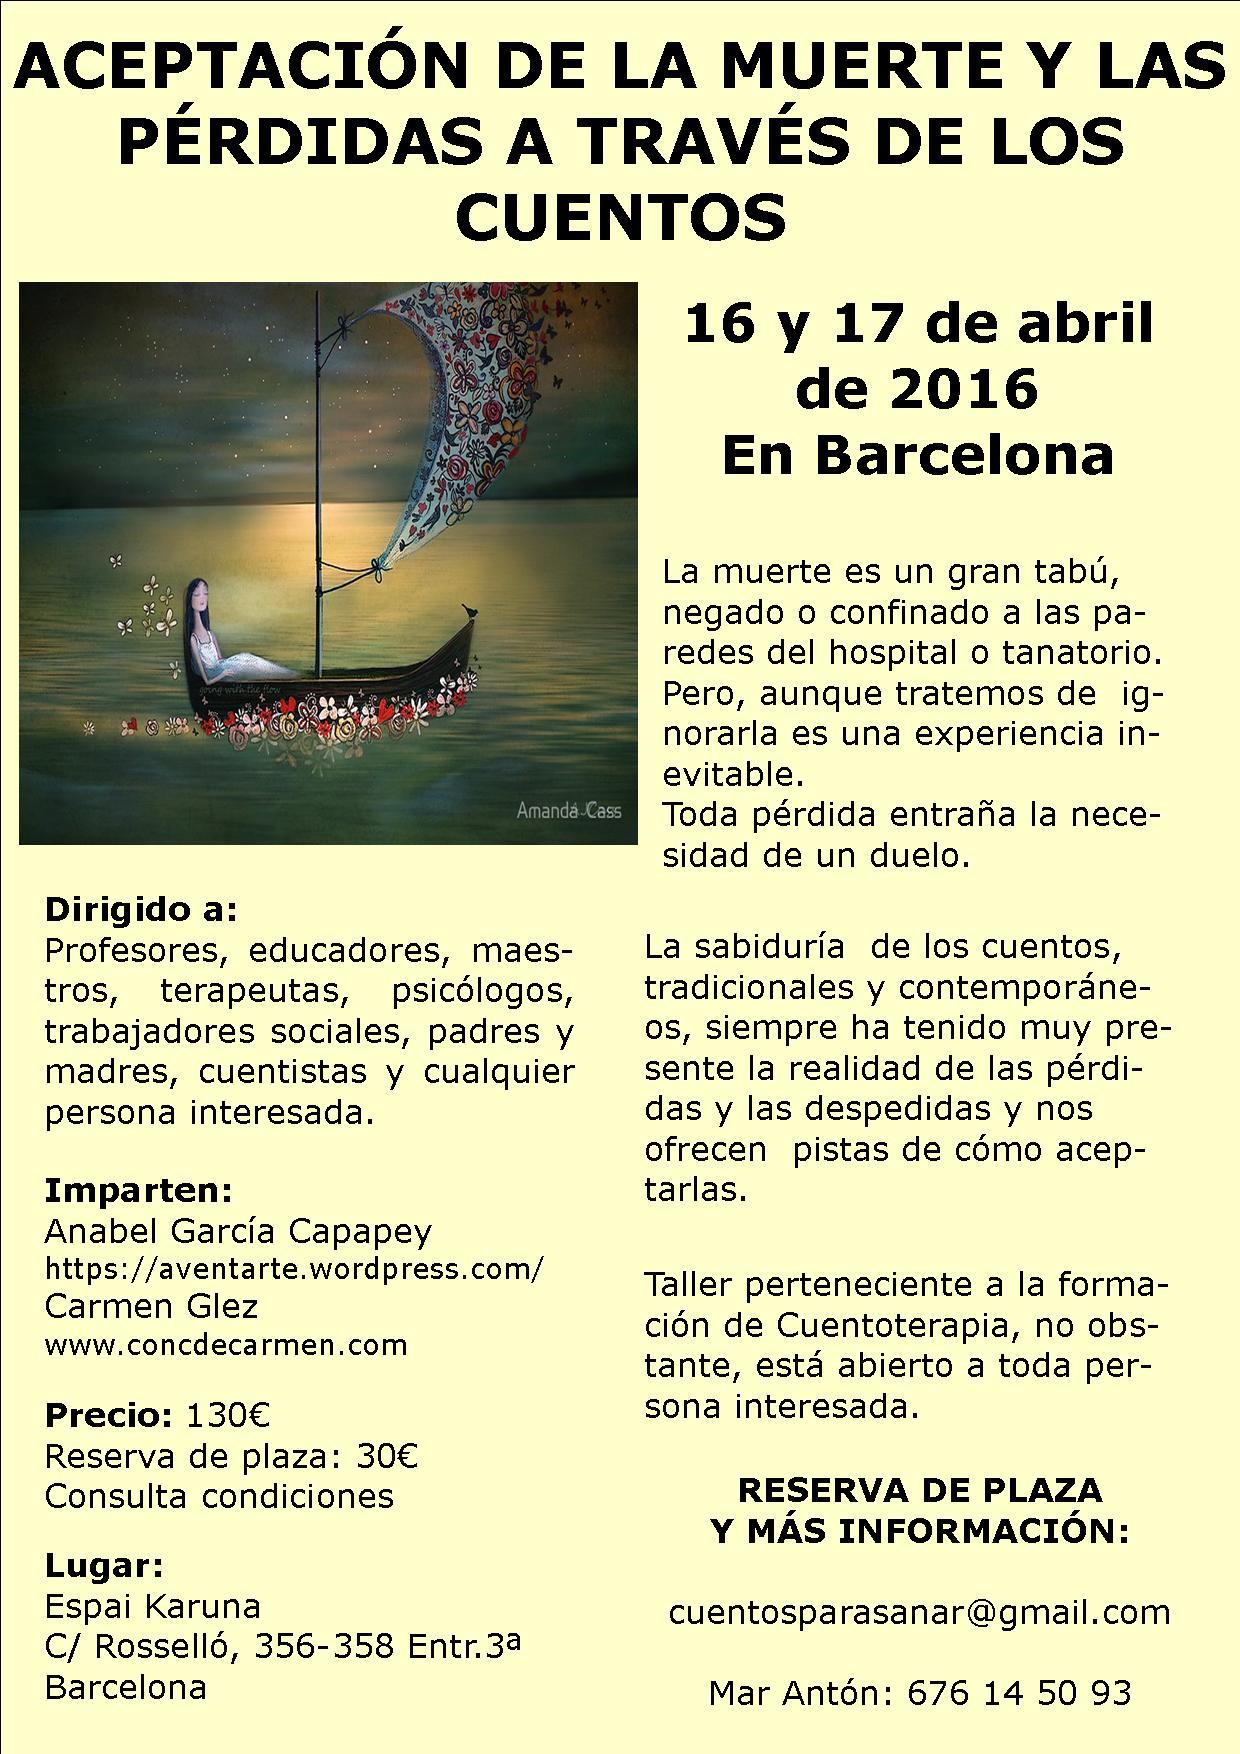 Muerte 16y17 abril 2016 Barcelona